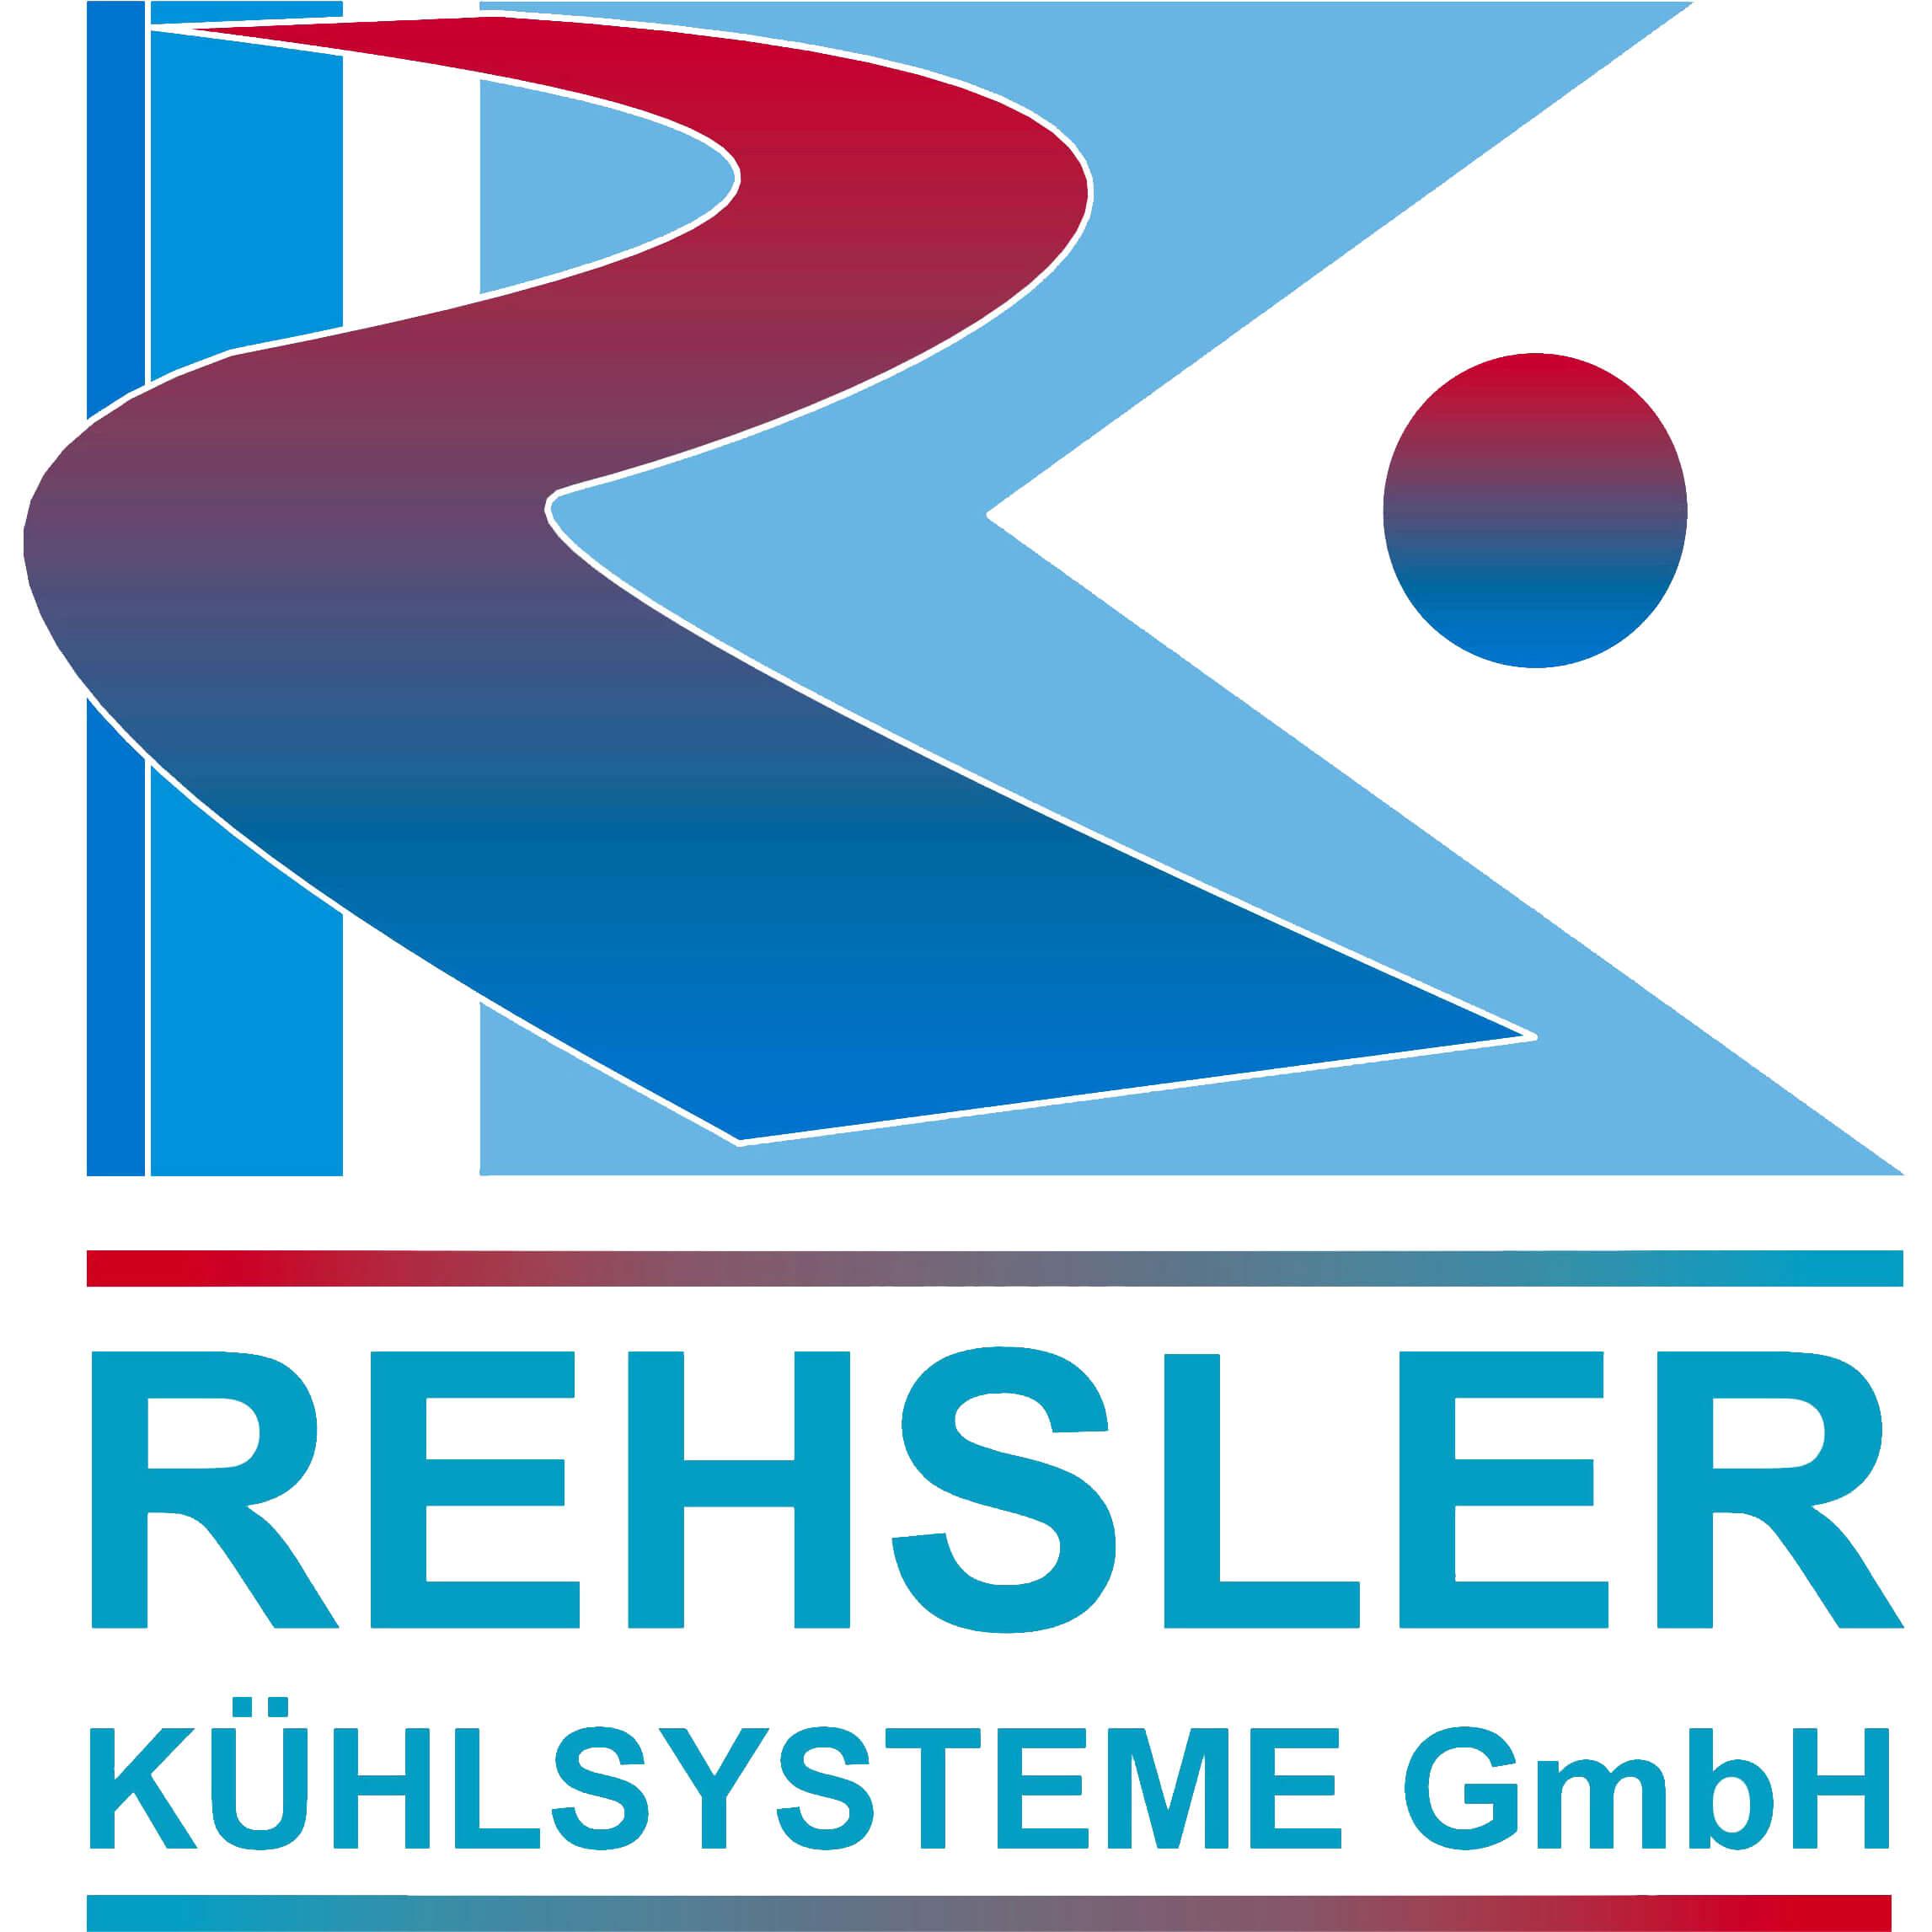 rehsler logo schema.jpg